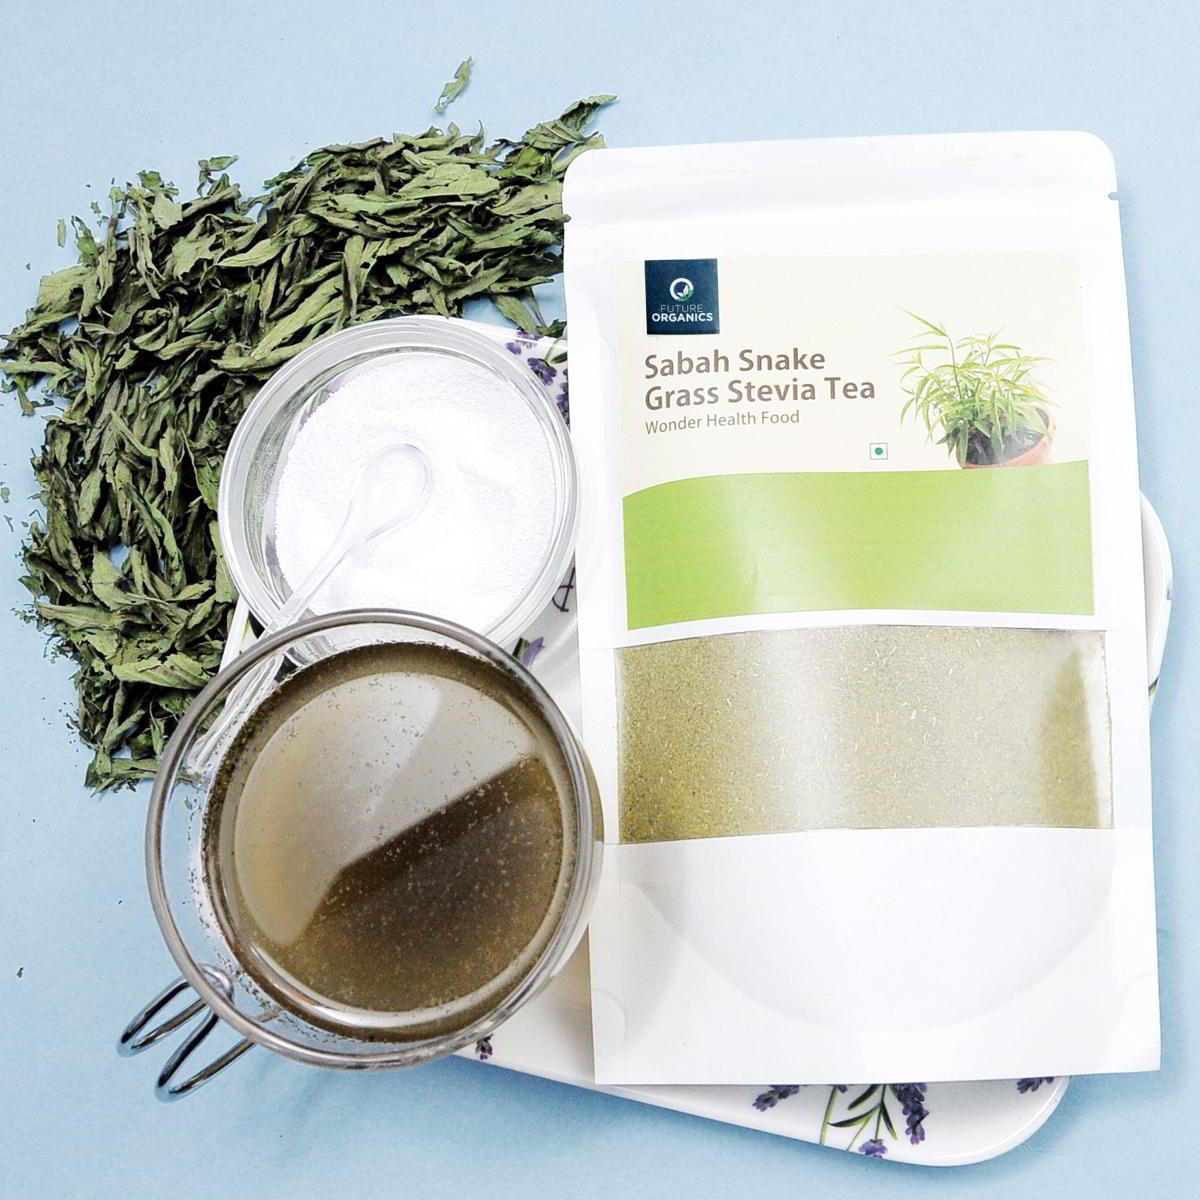 Sabah Snake Grass Stevia Tea